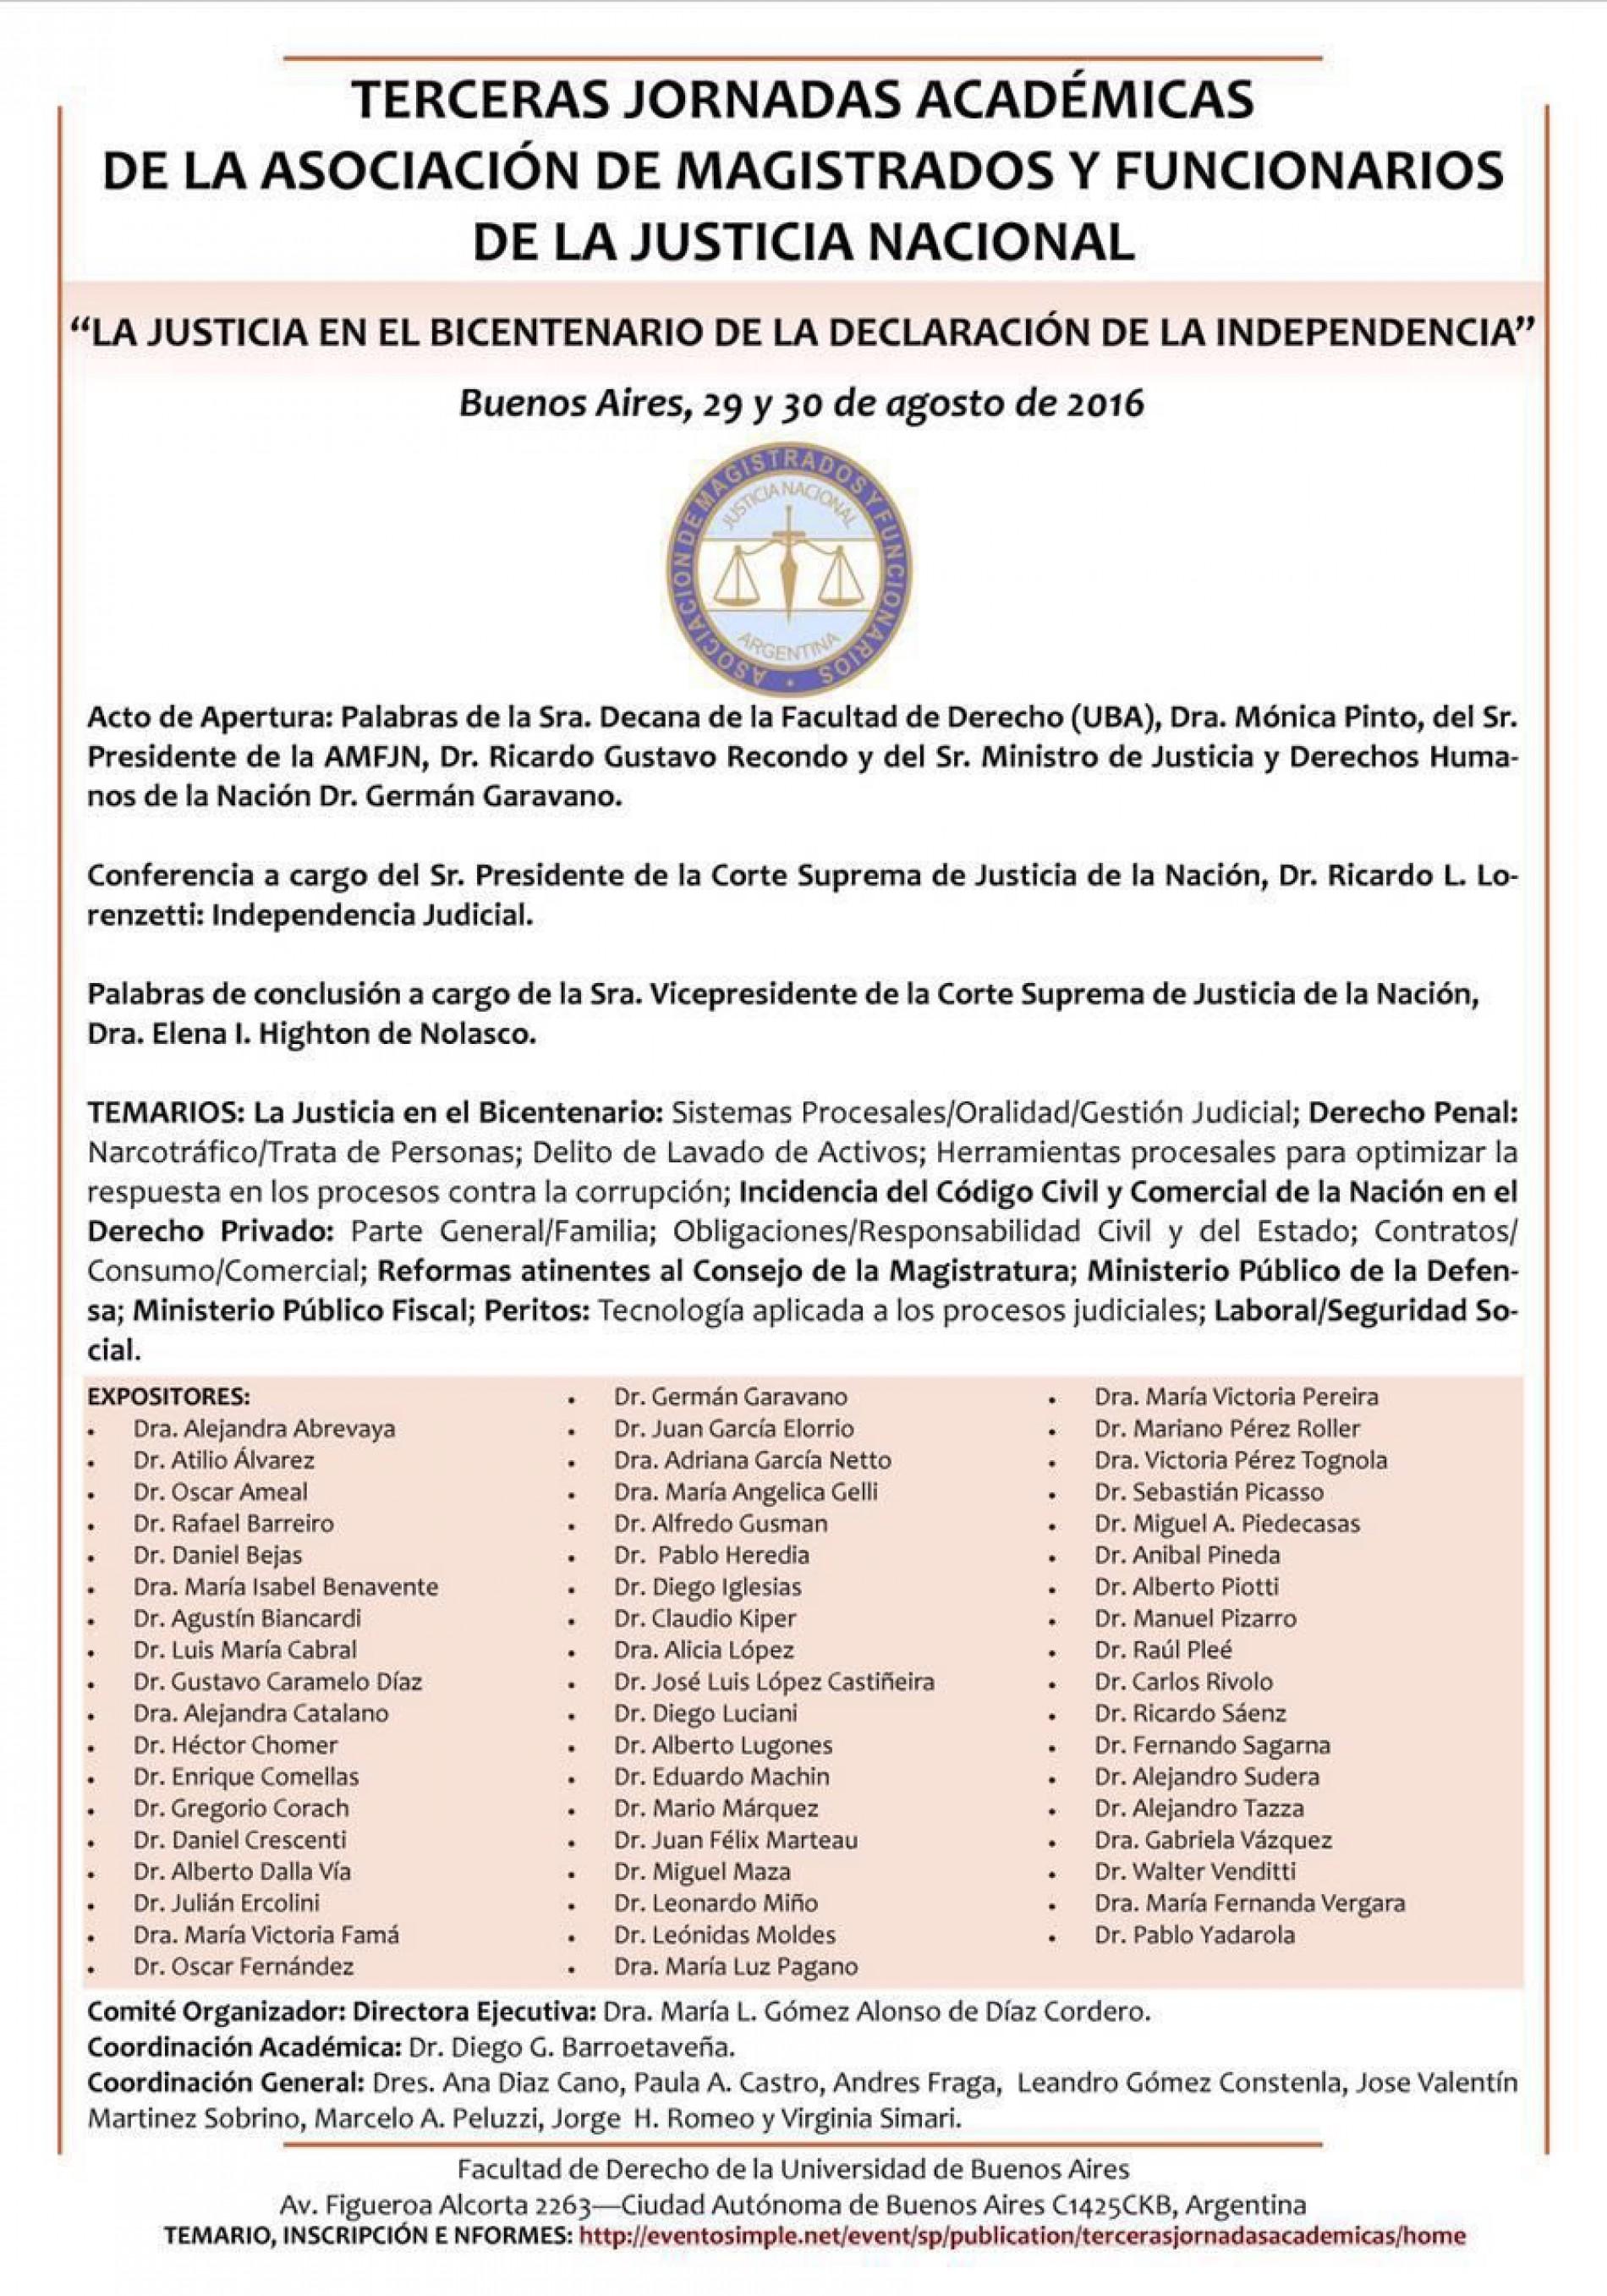 Terceras Jornadas Académicas de la Asociación de Magistrados y Funcionarios de la Justicia Nacional